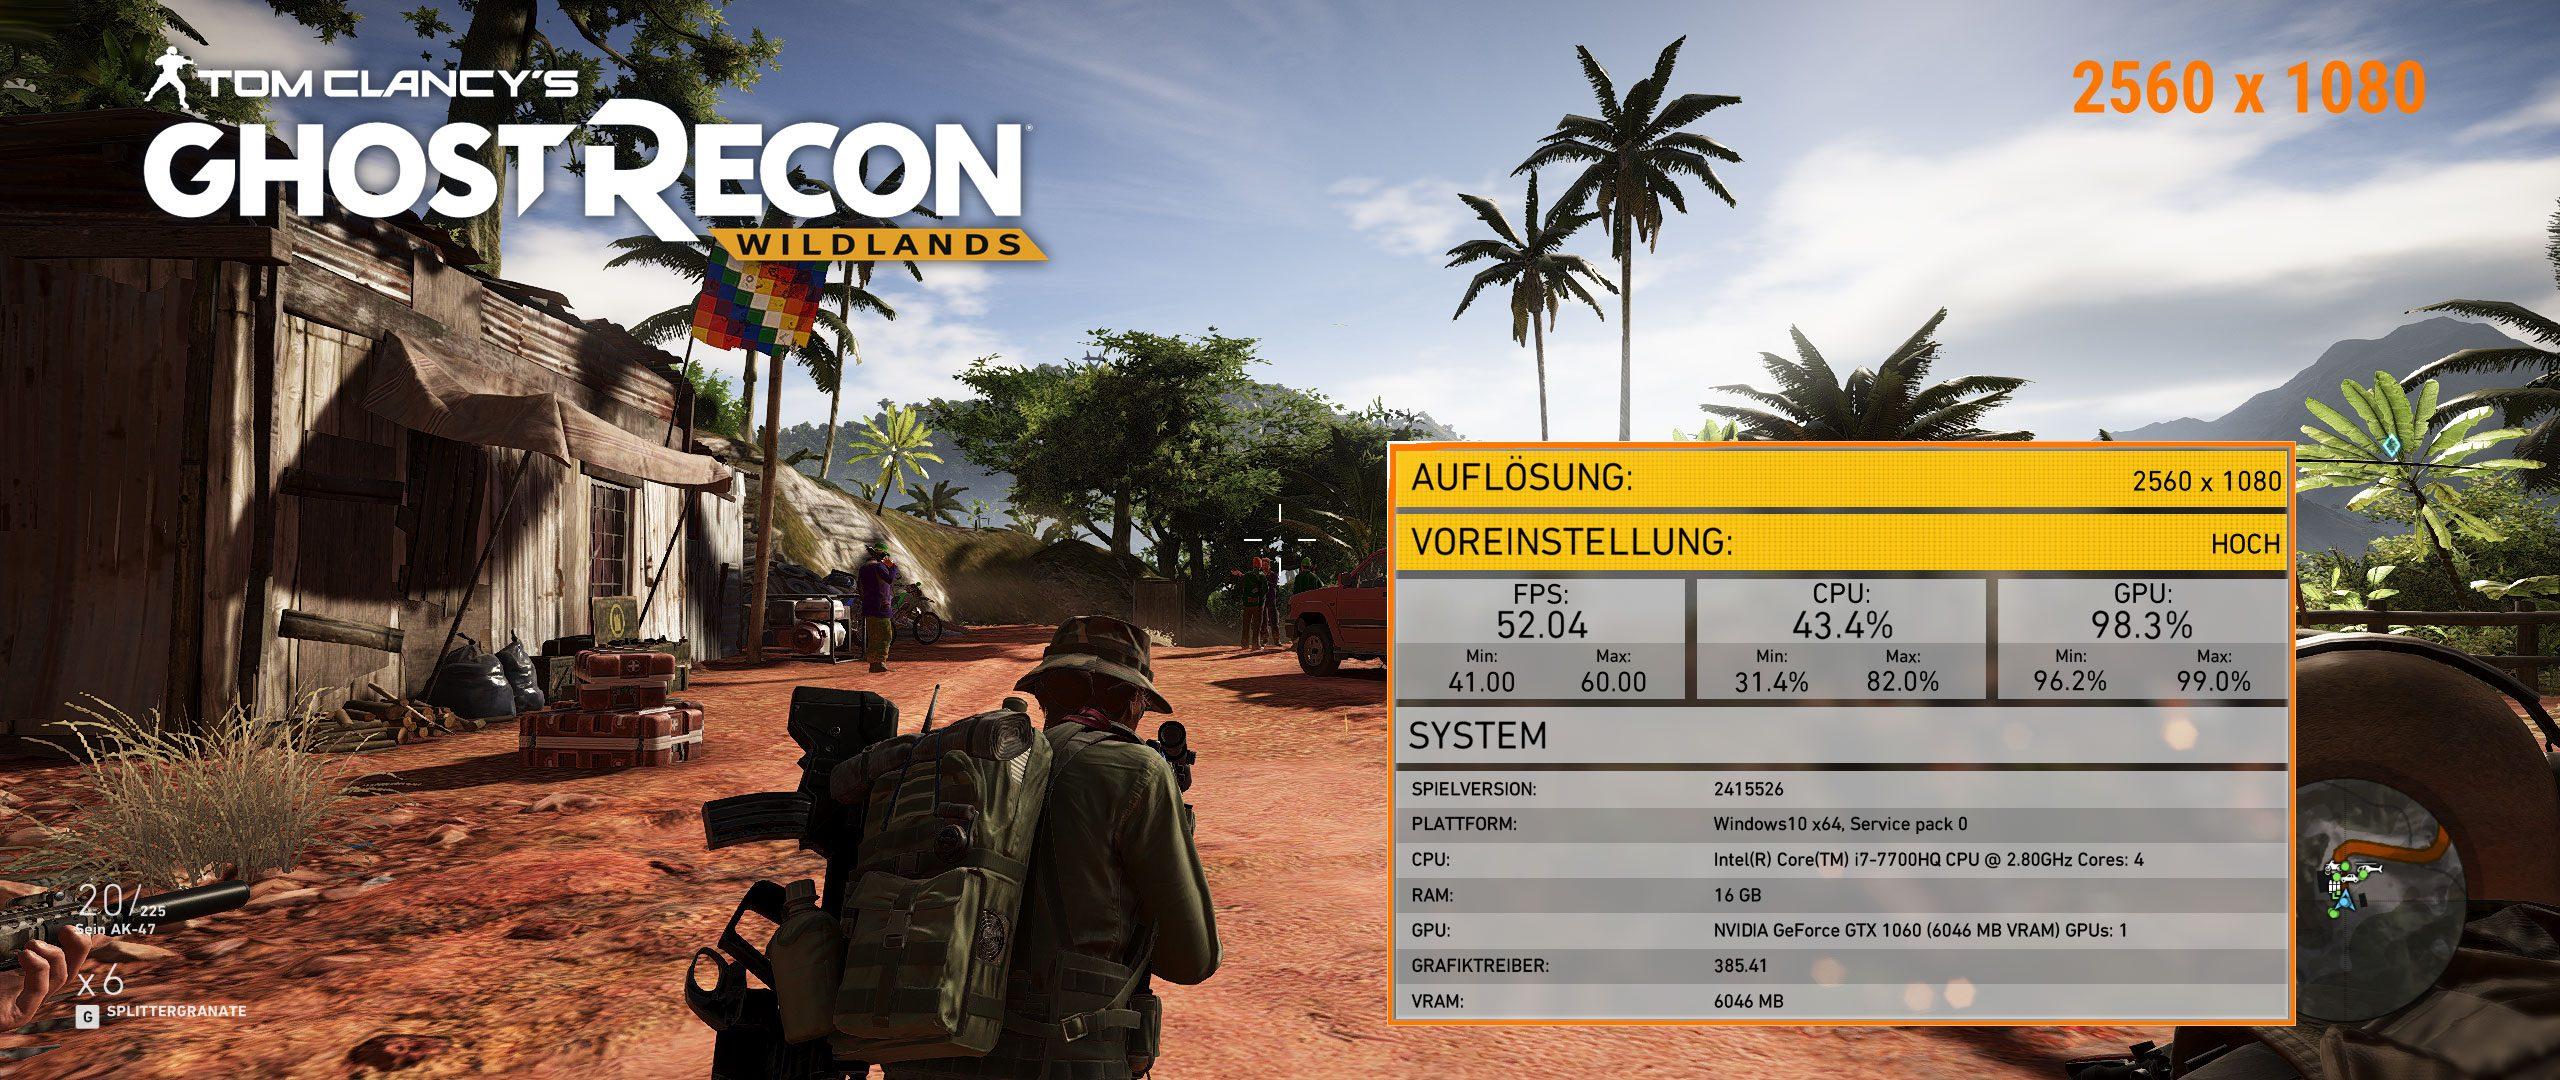 Schenker-XMG-A517-dxf_Games-Monitor_4